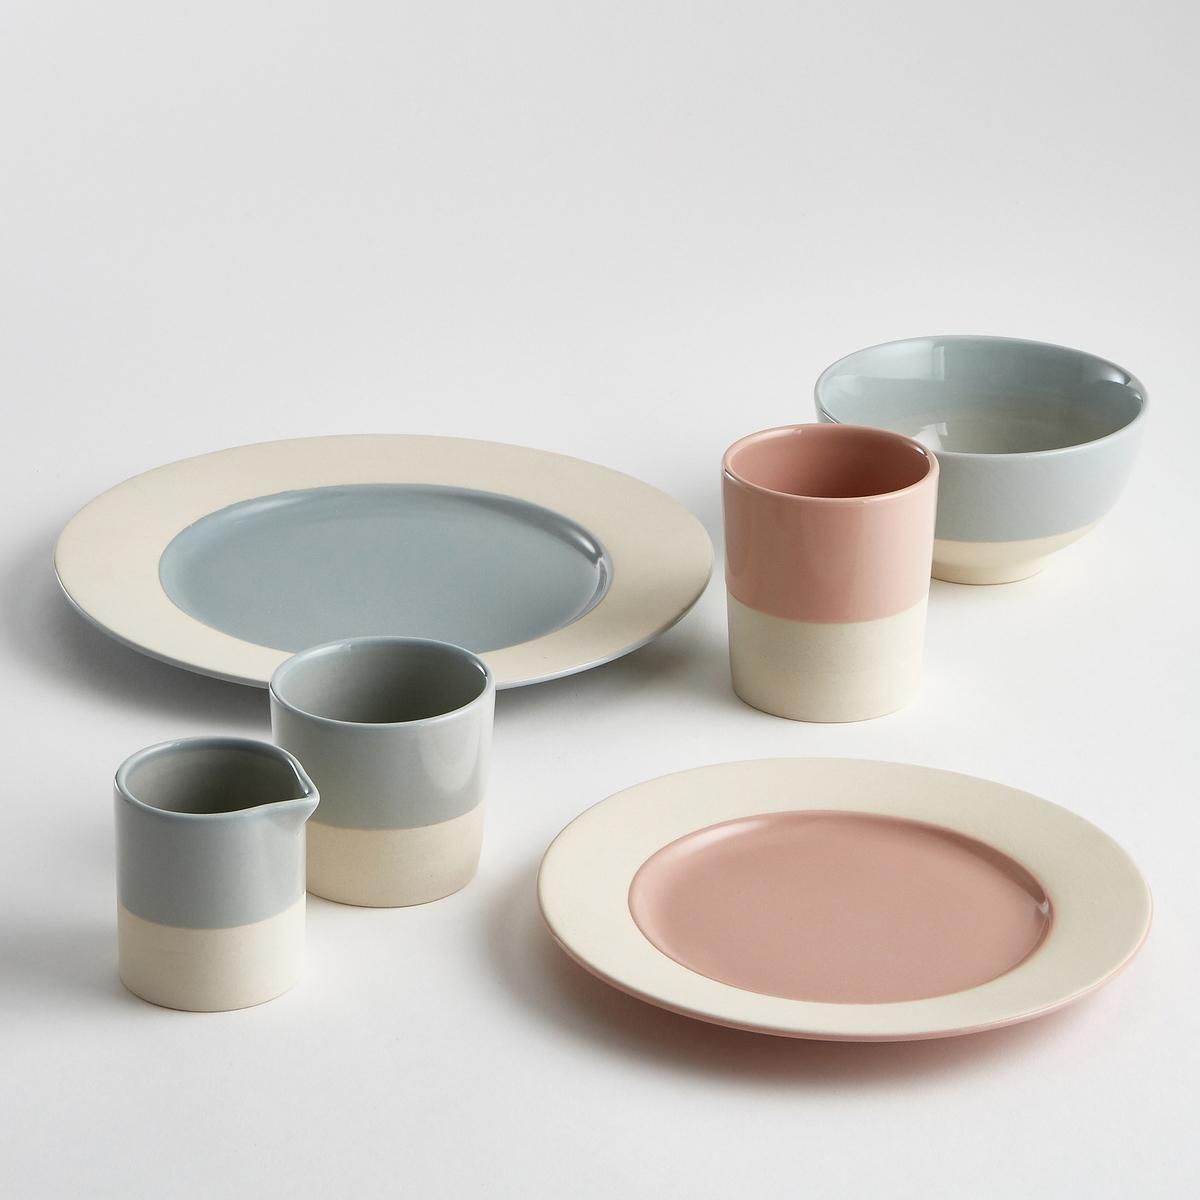 Комплект из 4 мелких тарелок из керамики WarotaДесертная тарелка Warota отличается строгим и аутентичным дизайном и двухцветной расцветкой, что обеспечивает сочетание с любым стилем внутреннего декора.Характеристики 4 двухцветных мелких тарелок Warota :Из керамики.Края из матовой керамики.Размеры 4 двухцветных мелких тарелок Warota :Диаметр. 25 см.Цвета 4 двухцветных мелких тарелок Warota :Керамика без глазури / розовый.Керамика без глазури / синий.Другие тарелки и предметы декора стола вы можете найти на сайте laredoute.ru<br><br>Цвет: розовая пудра